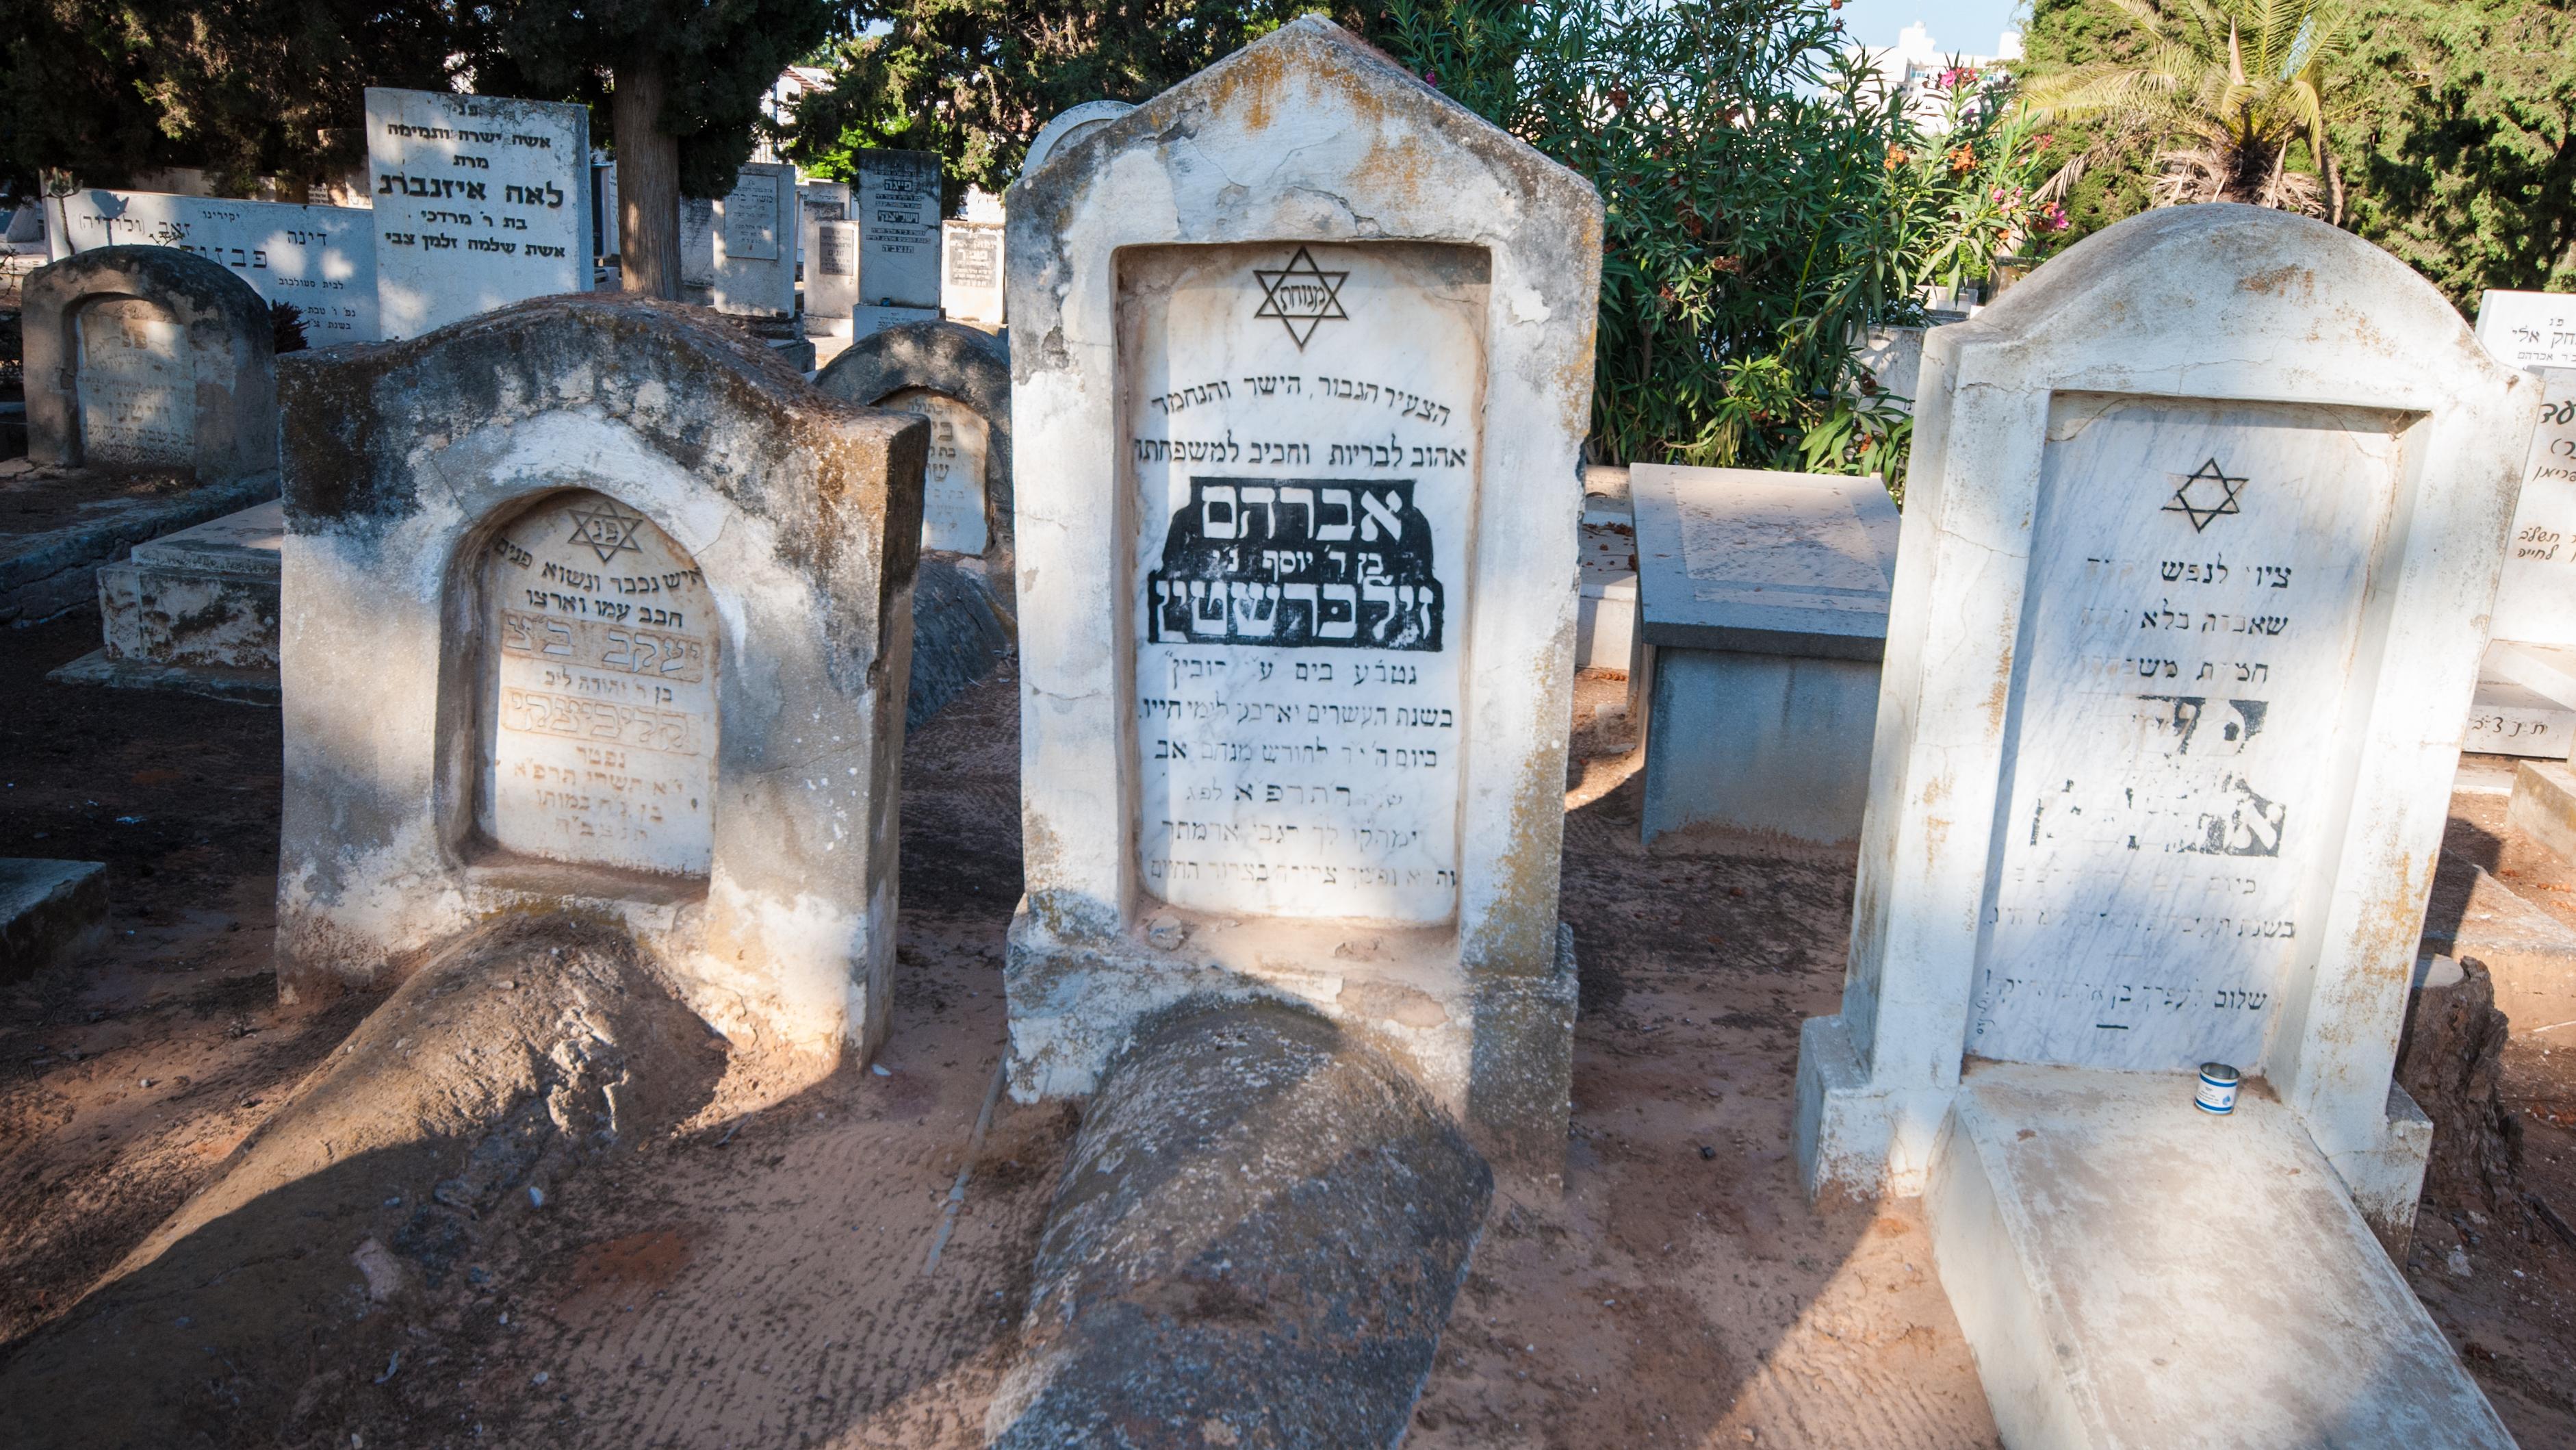 כולם חדשים File:Abraham Zilberstein's tombstone - Rehovot old cemetery קבר XF-11